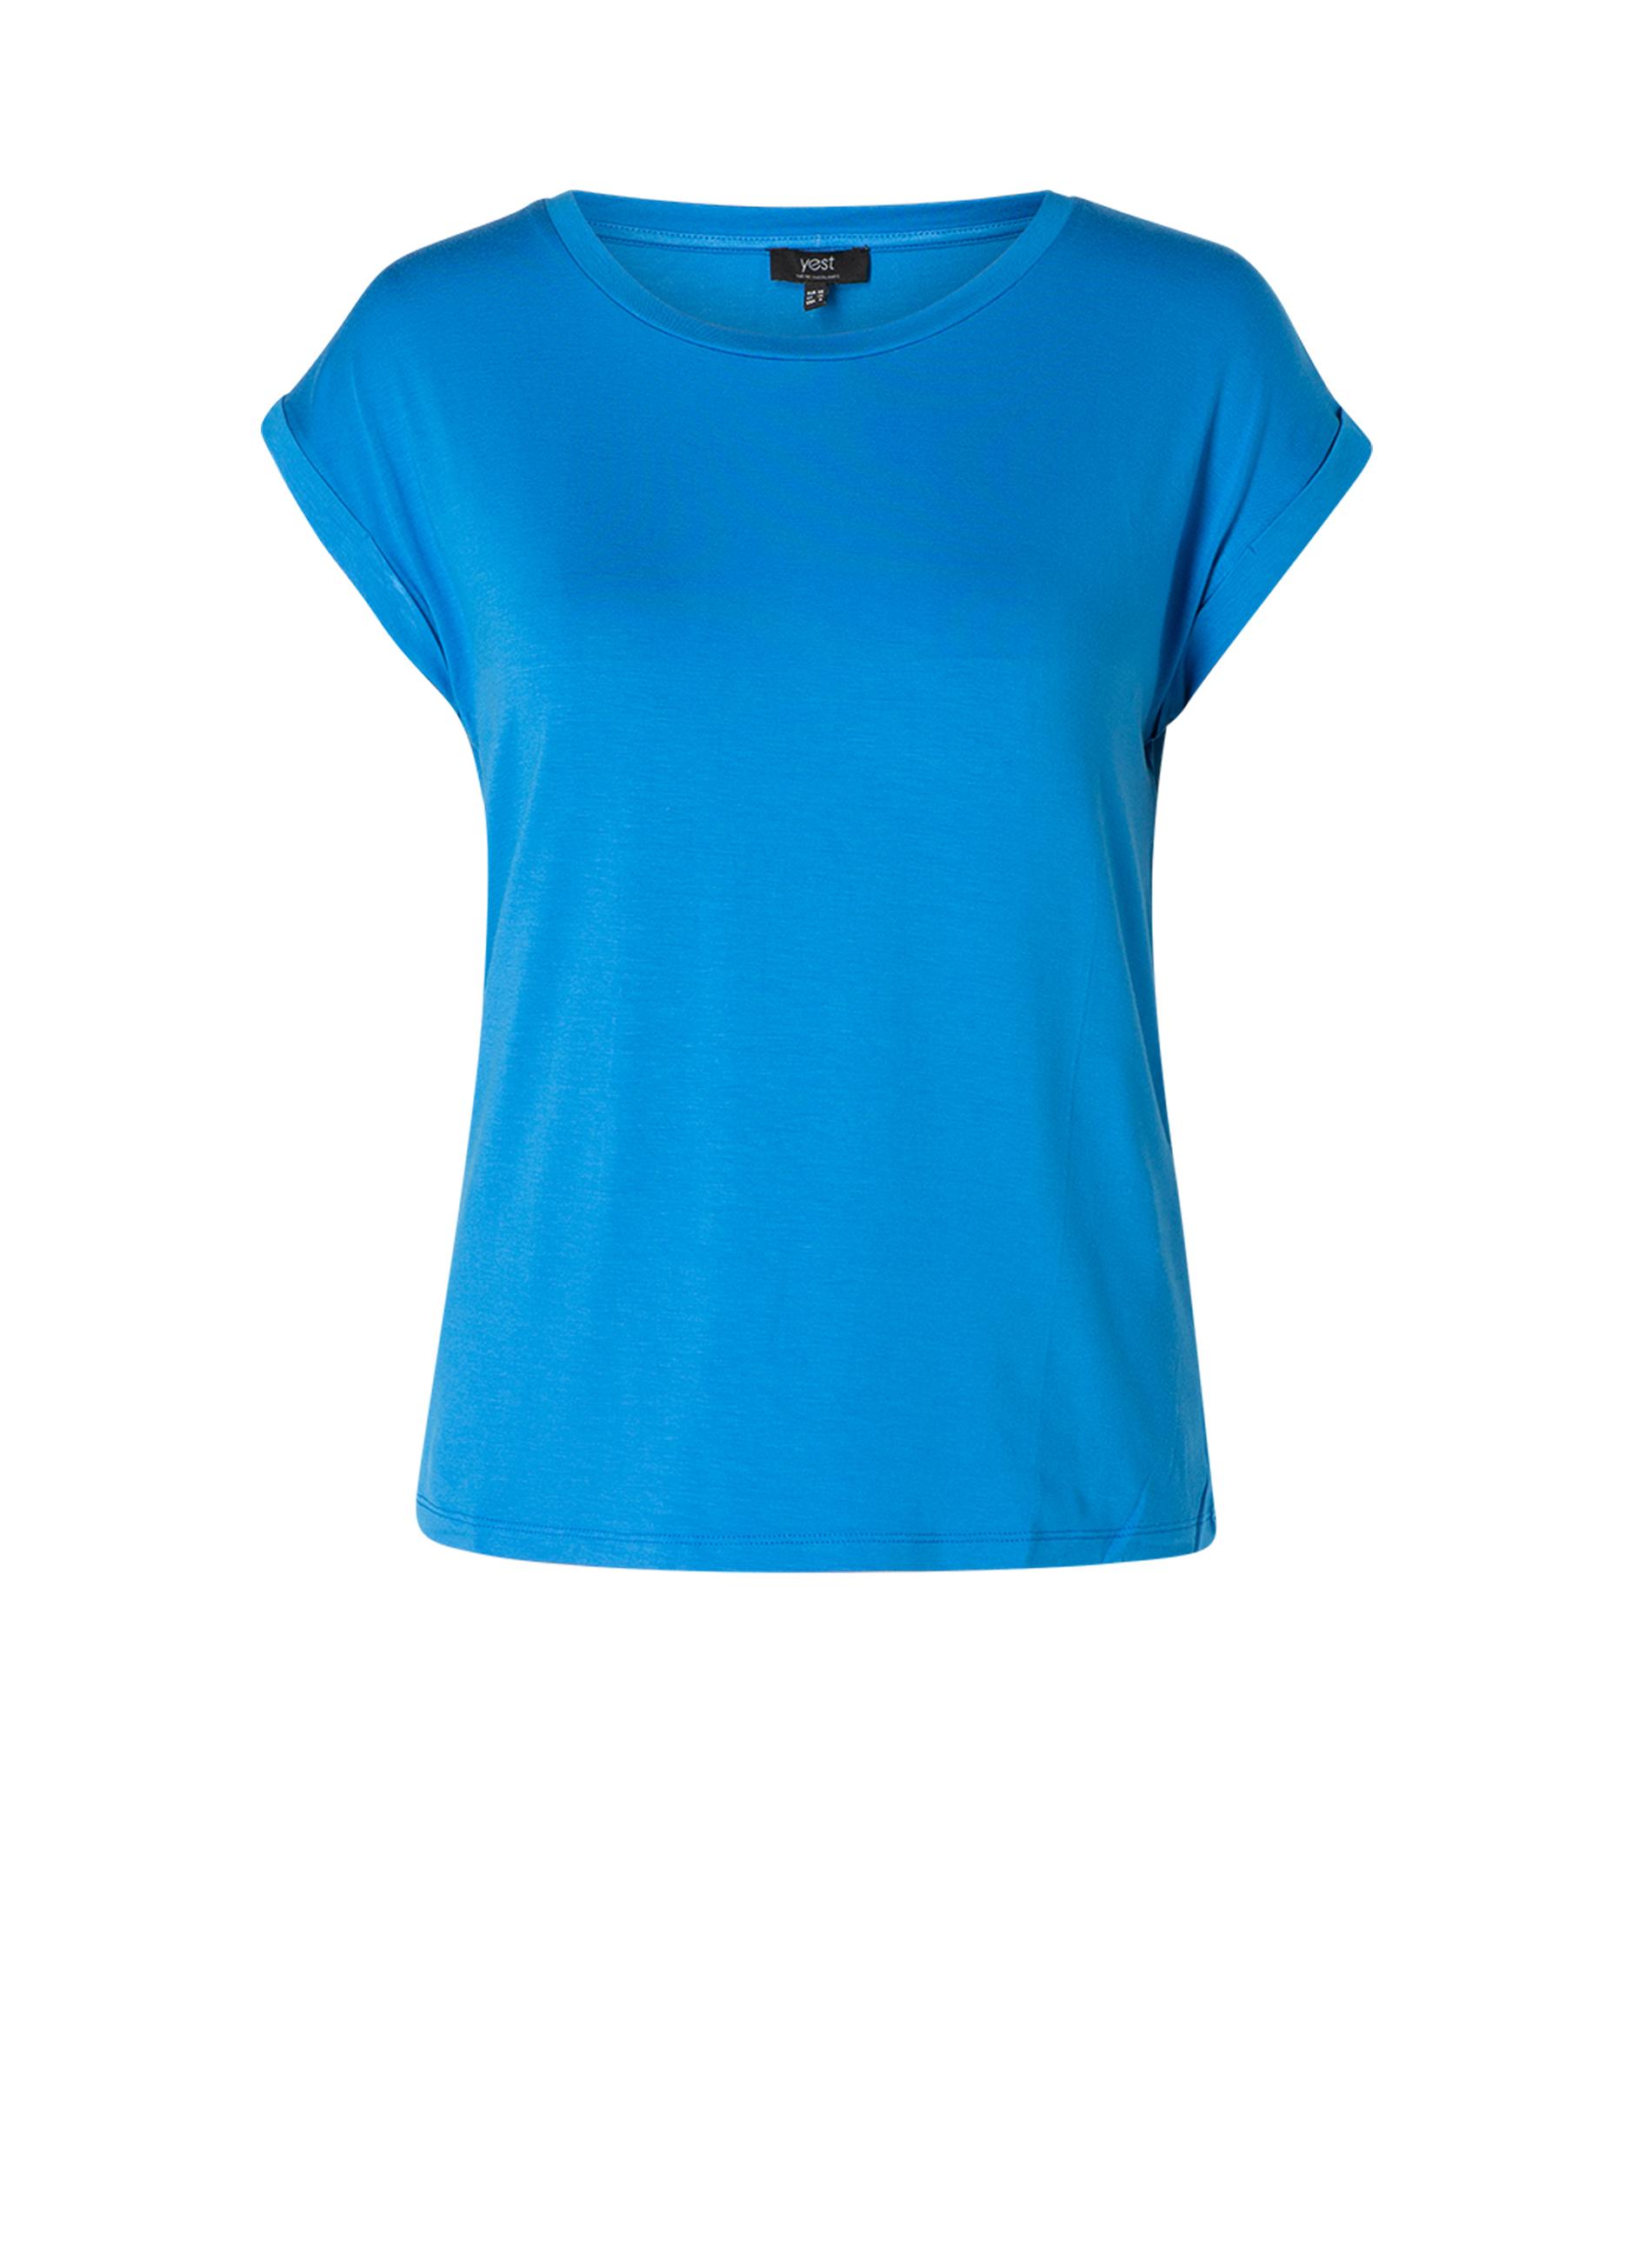 Shirt Haylee Yesta 76 cm